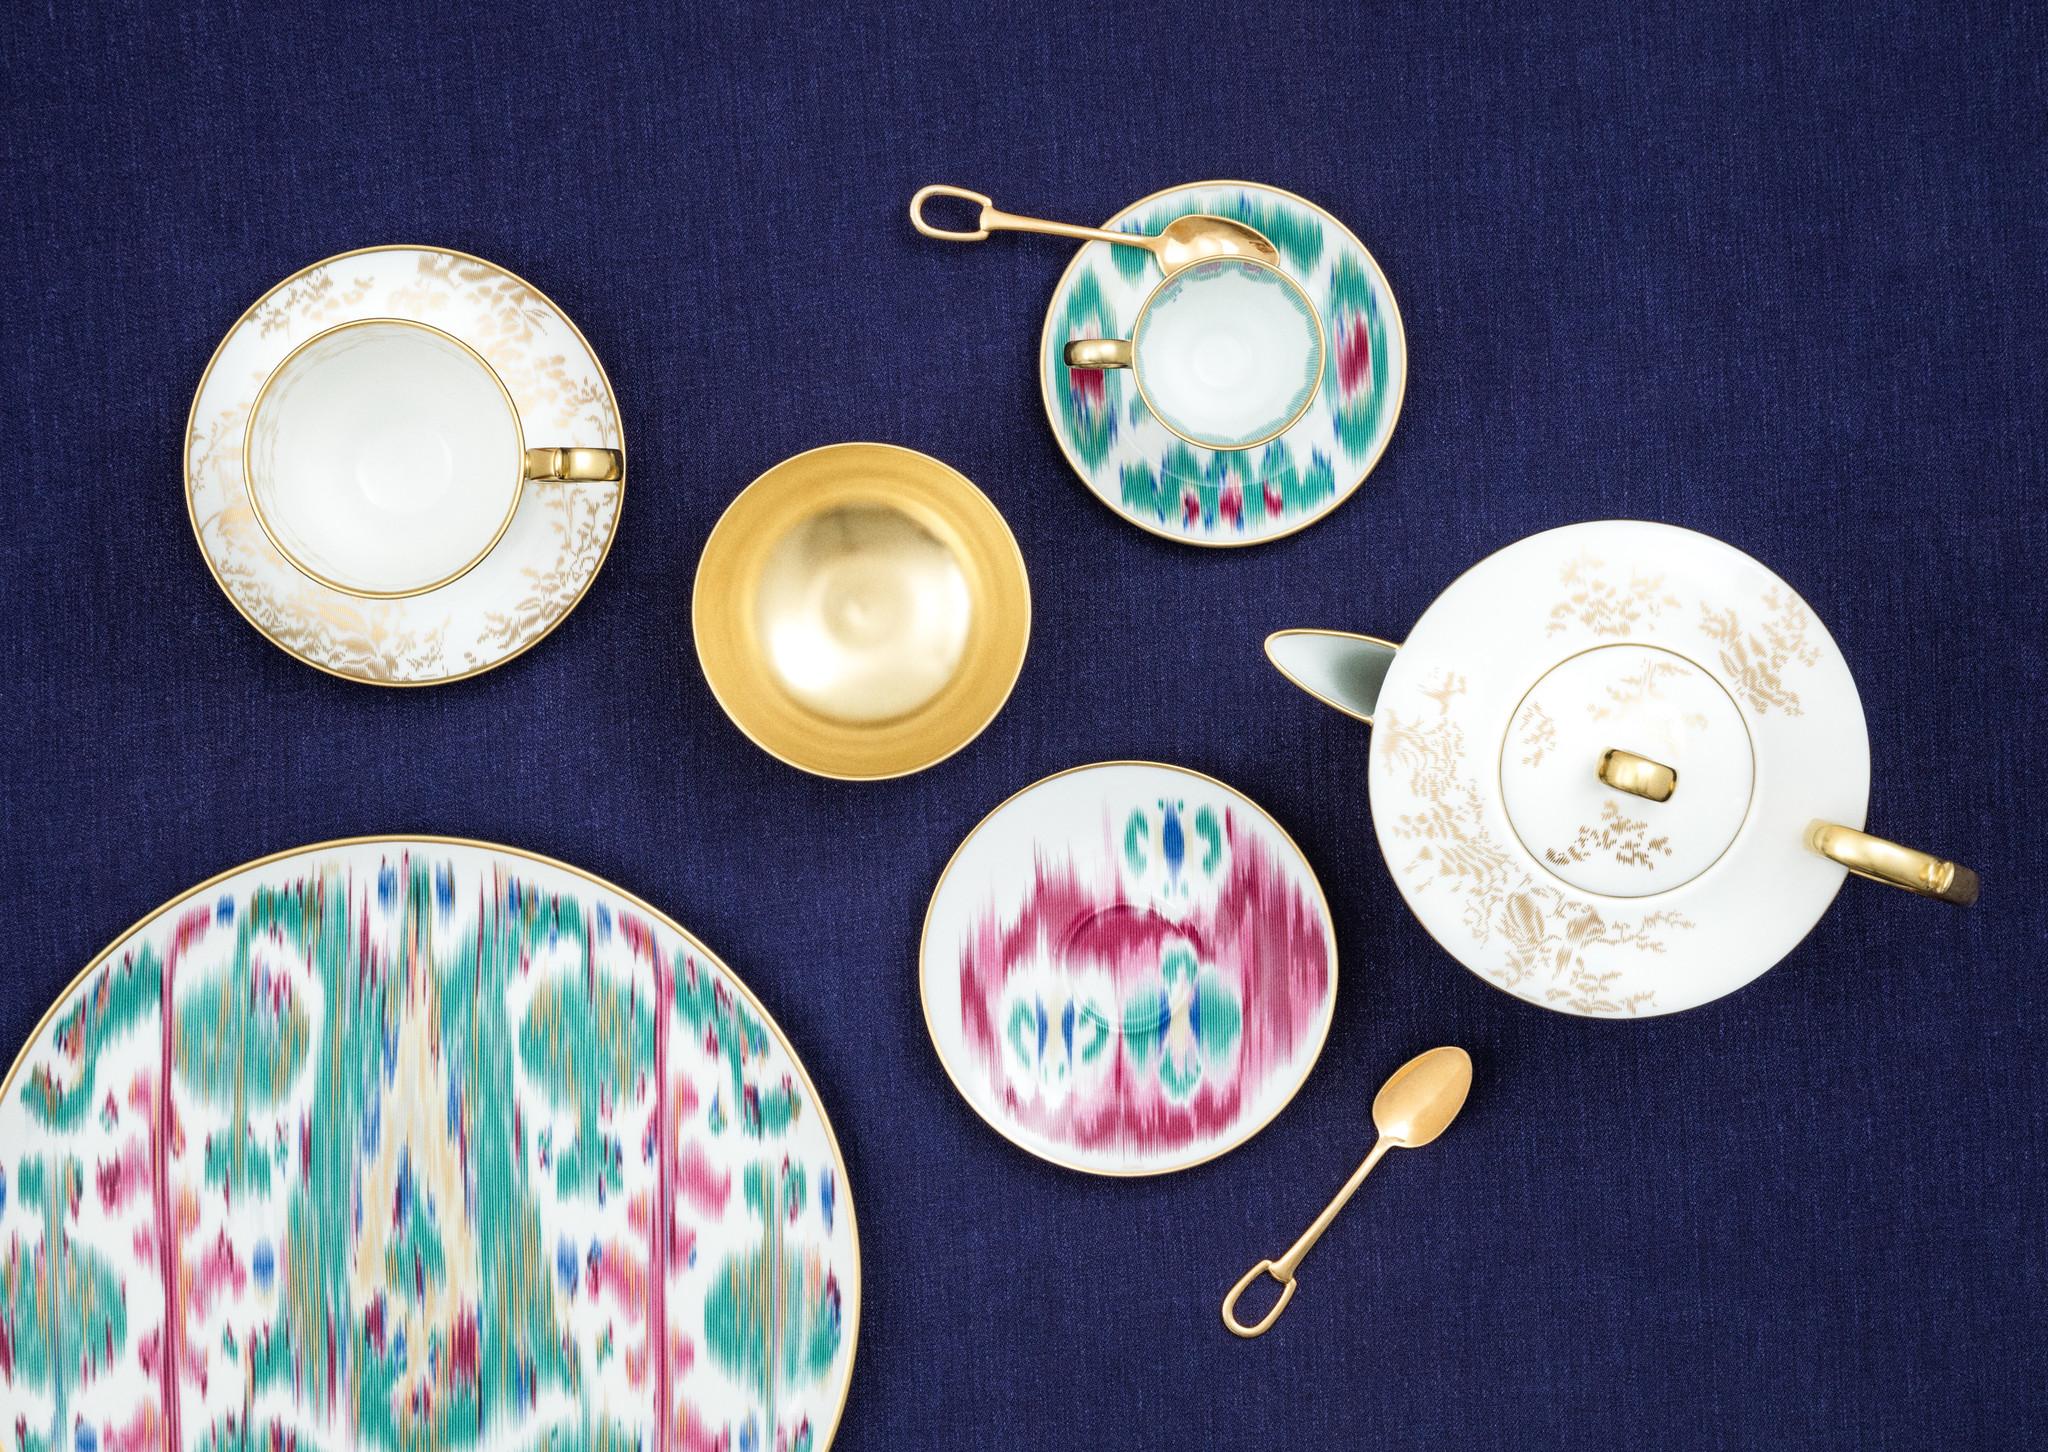 Hermes Voyage en Ikat Dinner plate